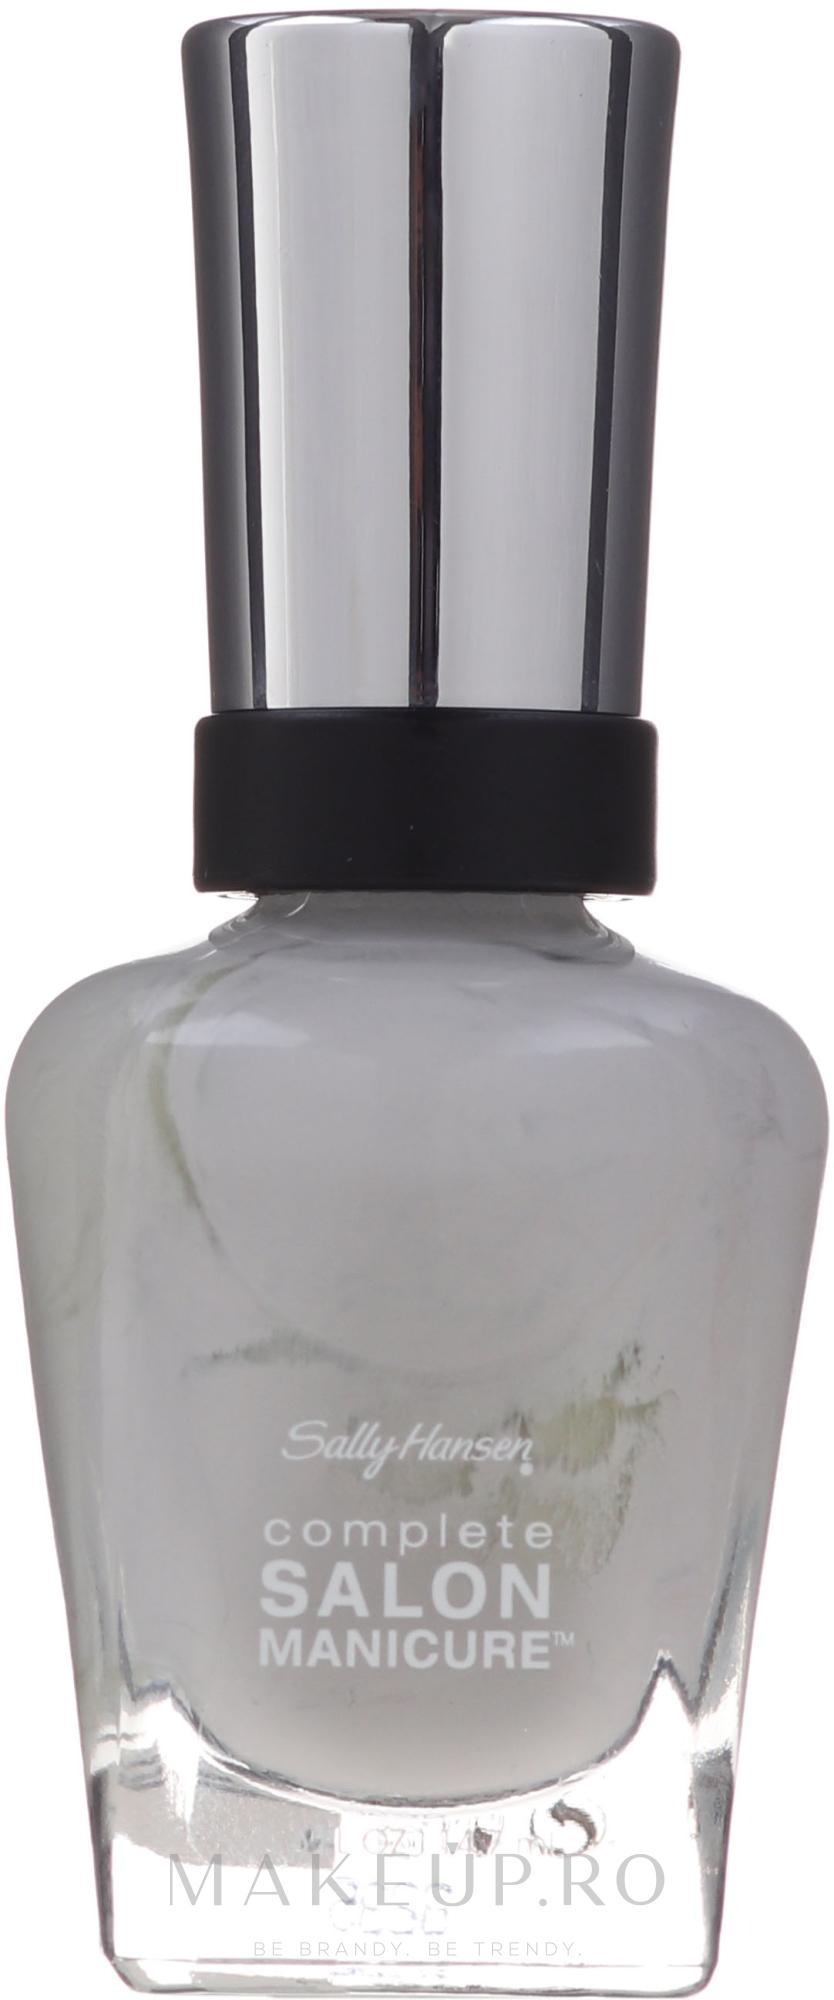 Lac de unghii - Sally Hansen Complete Salon Manicure — Imagine 013 - All Grey All Night